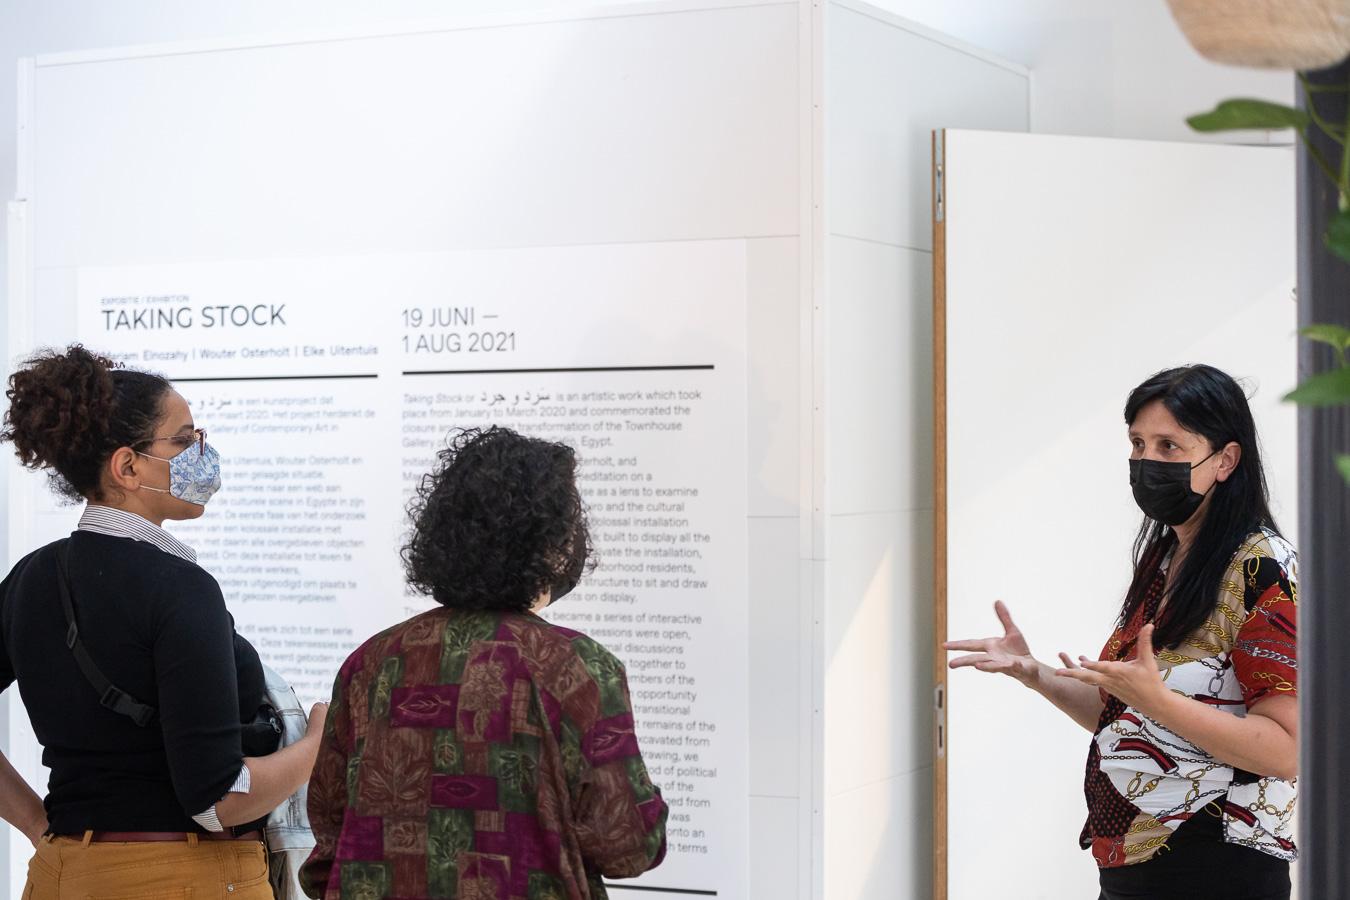 Exhibition opening Taking Stock (2021), at Framer Framed